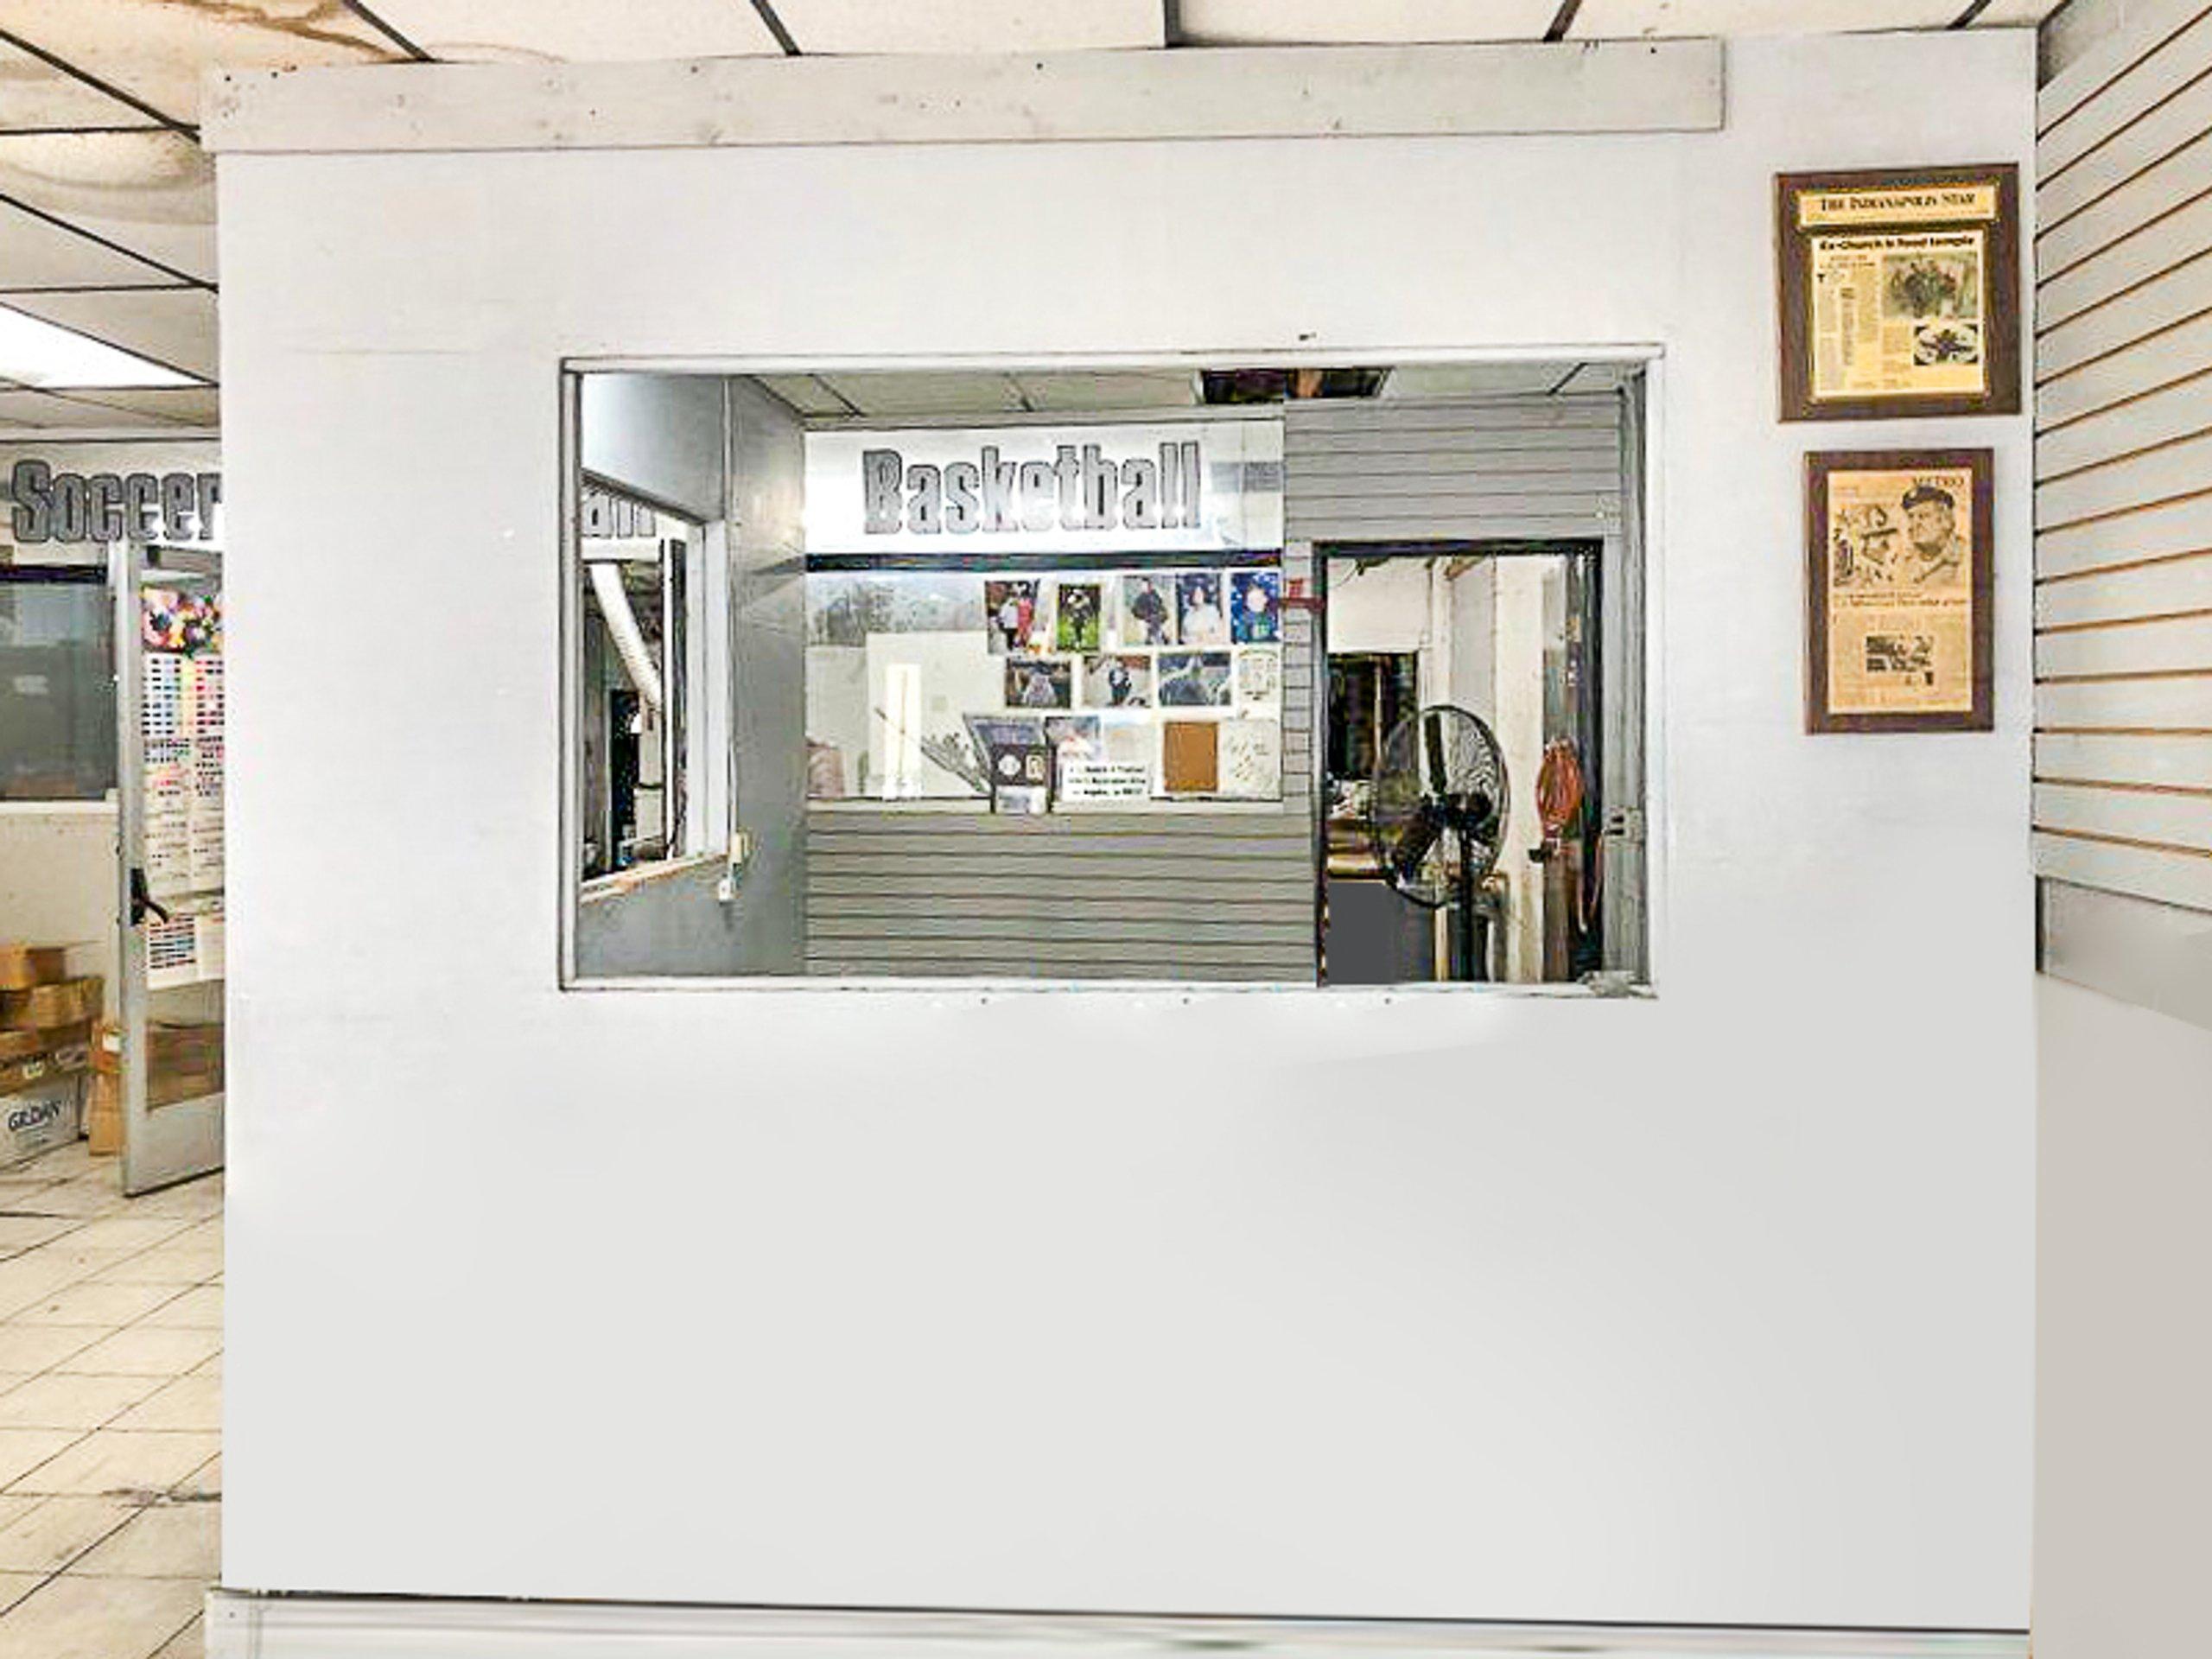 15x9 Other self storage unit